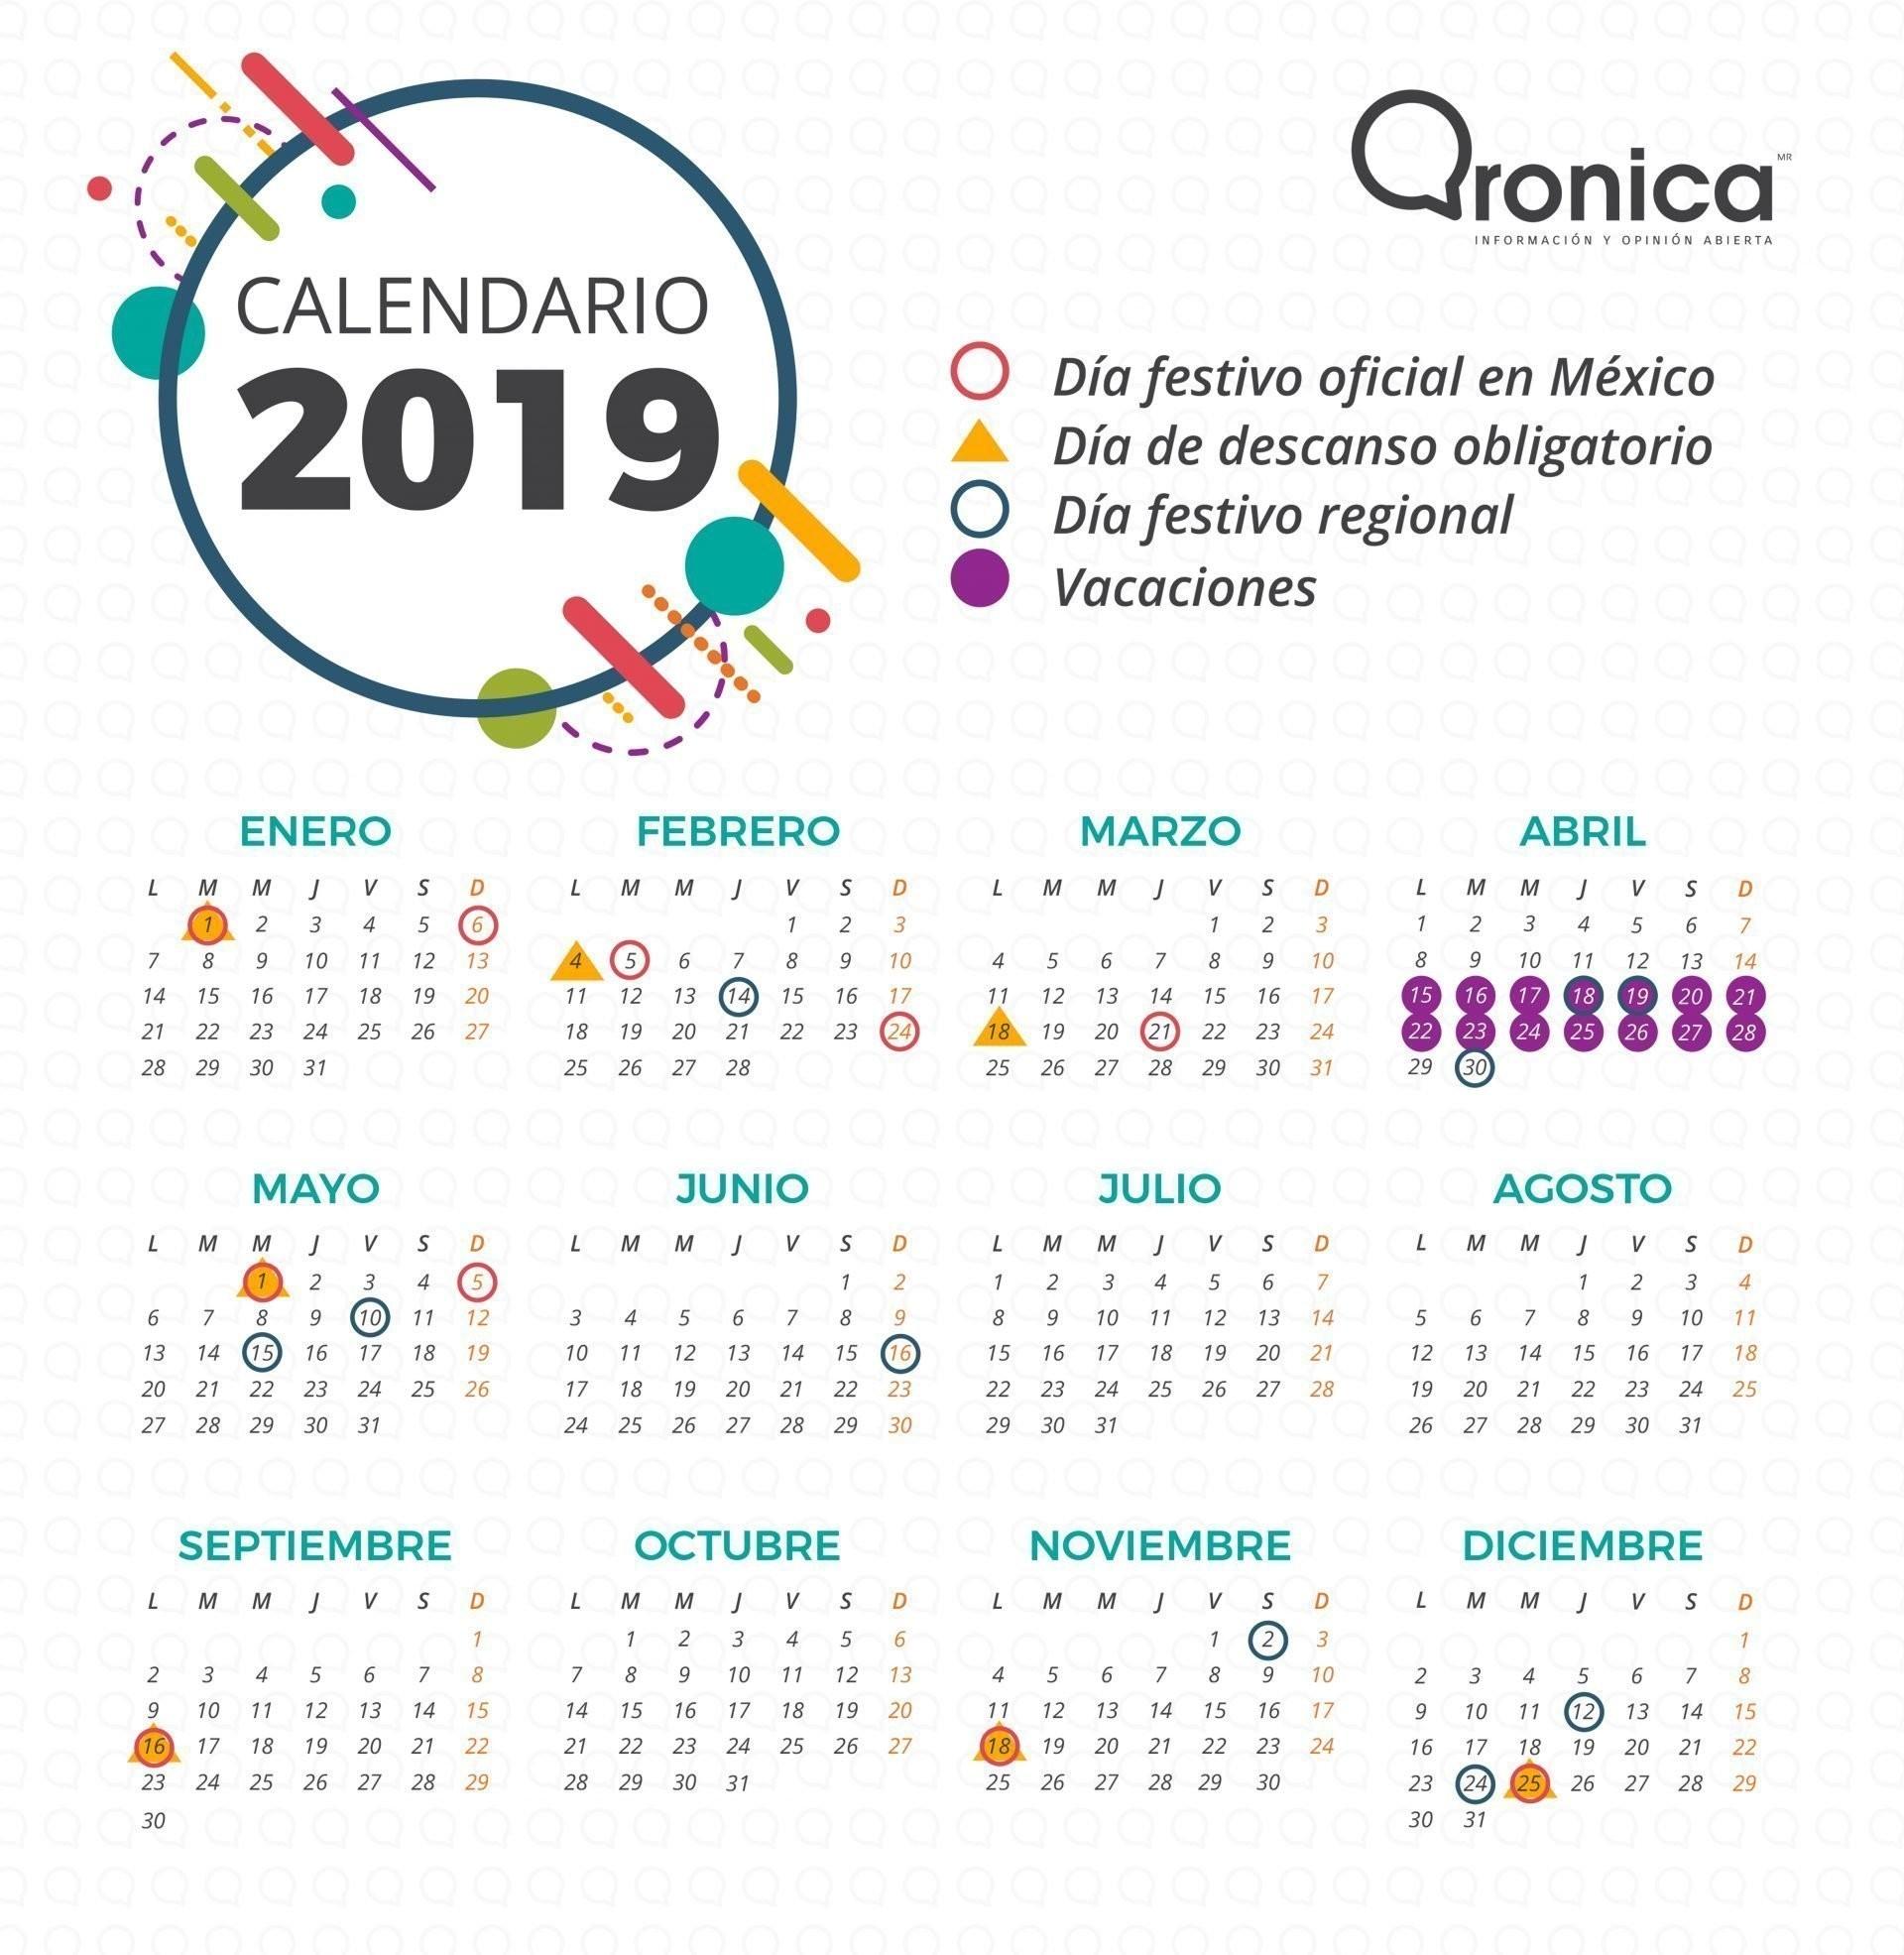 dias festivos mexico 2019